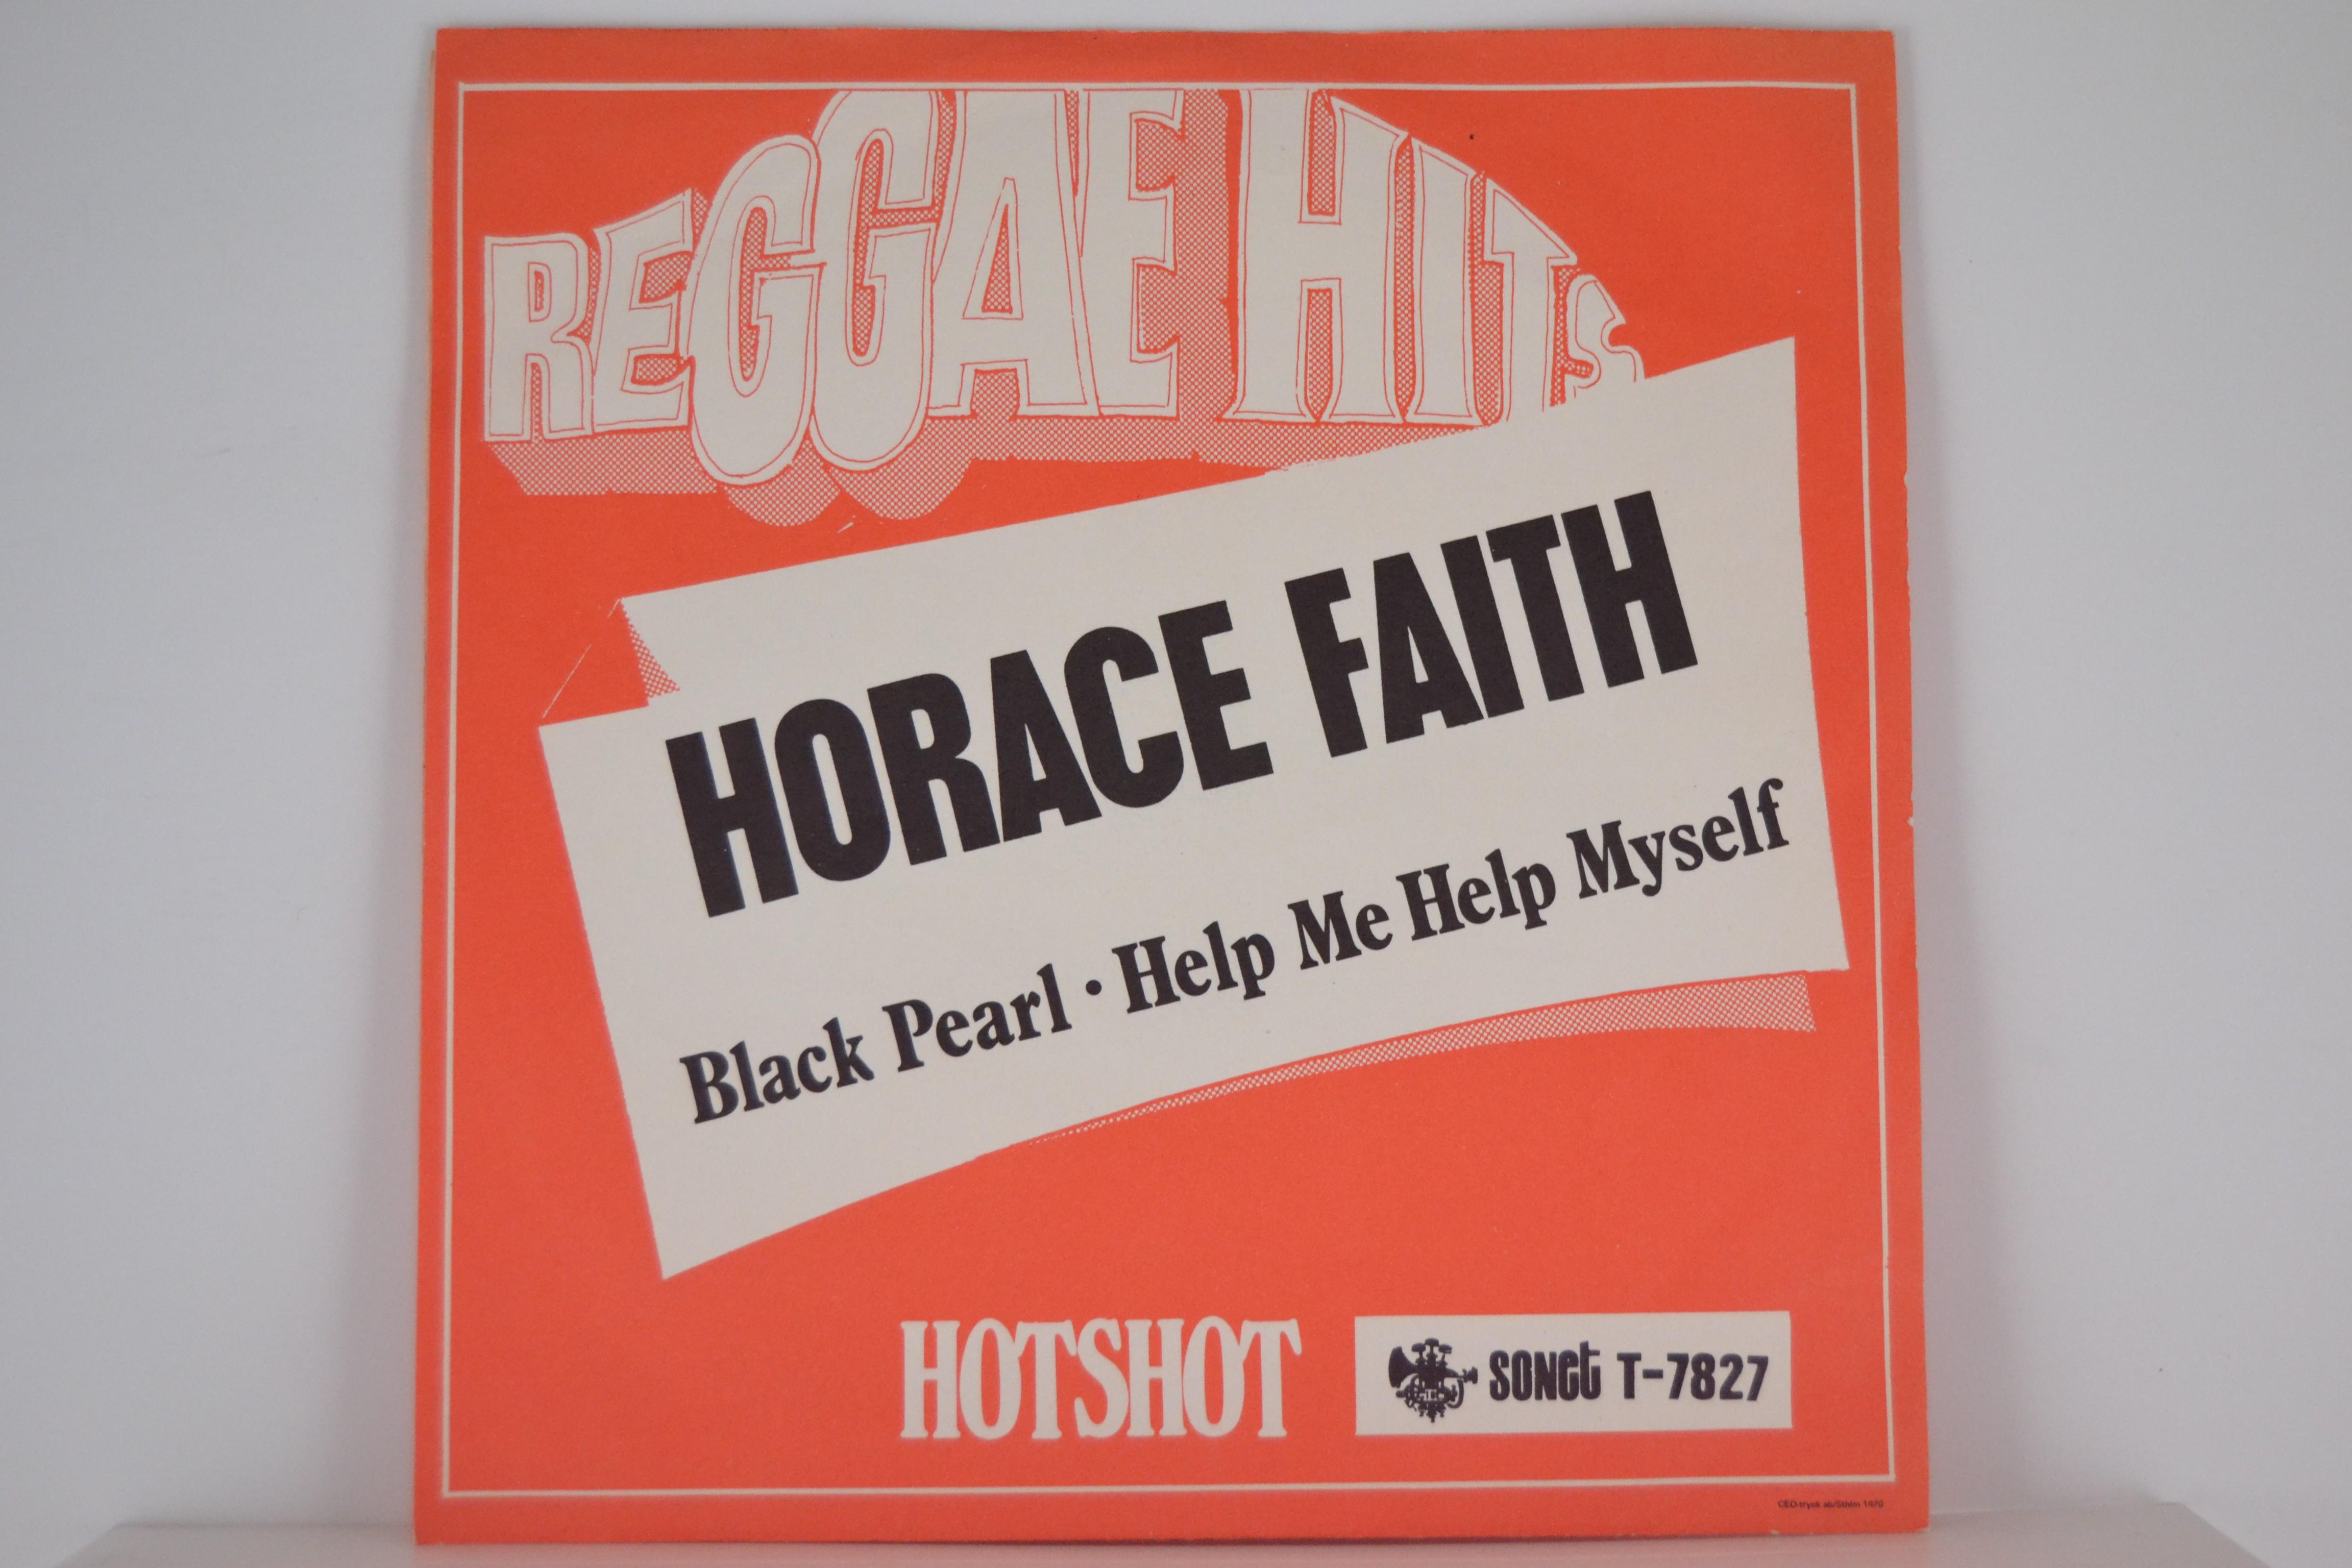 HORACE FAITH : Black pearl / Help me help myself